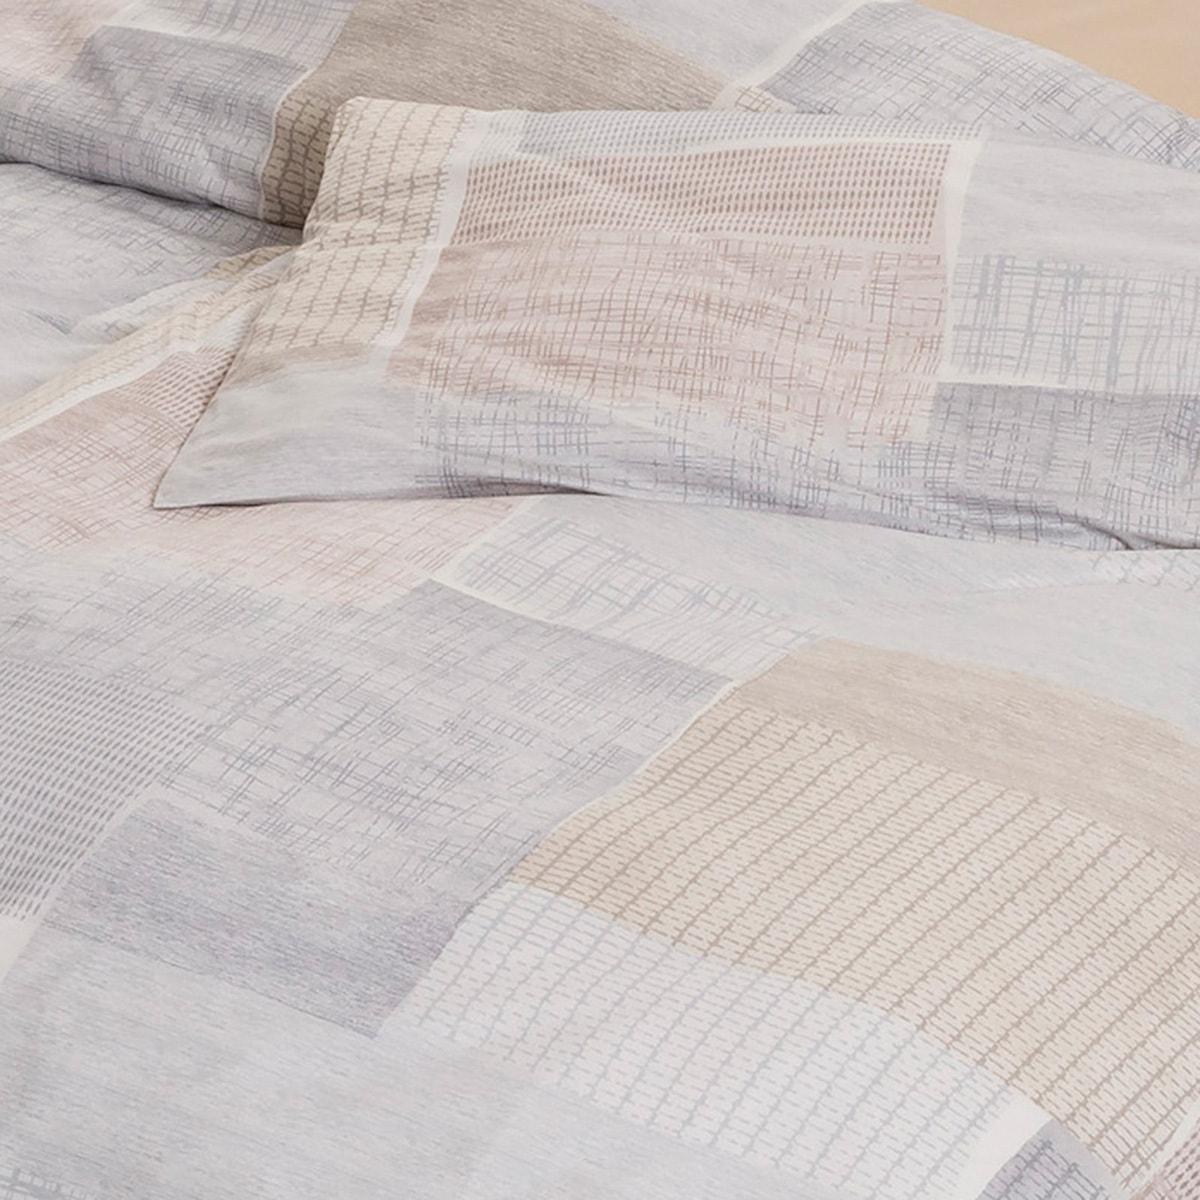 estella mako interlock jersey bettw sche milos sand g nstig online kaufen bei bettwaren shop. Black Bedroom Furniture Sets. Home Design Ideas